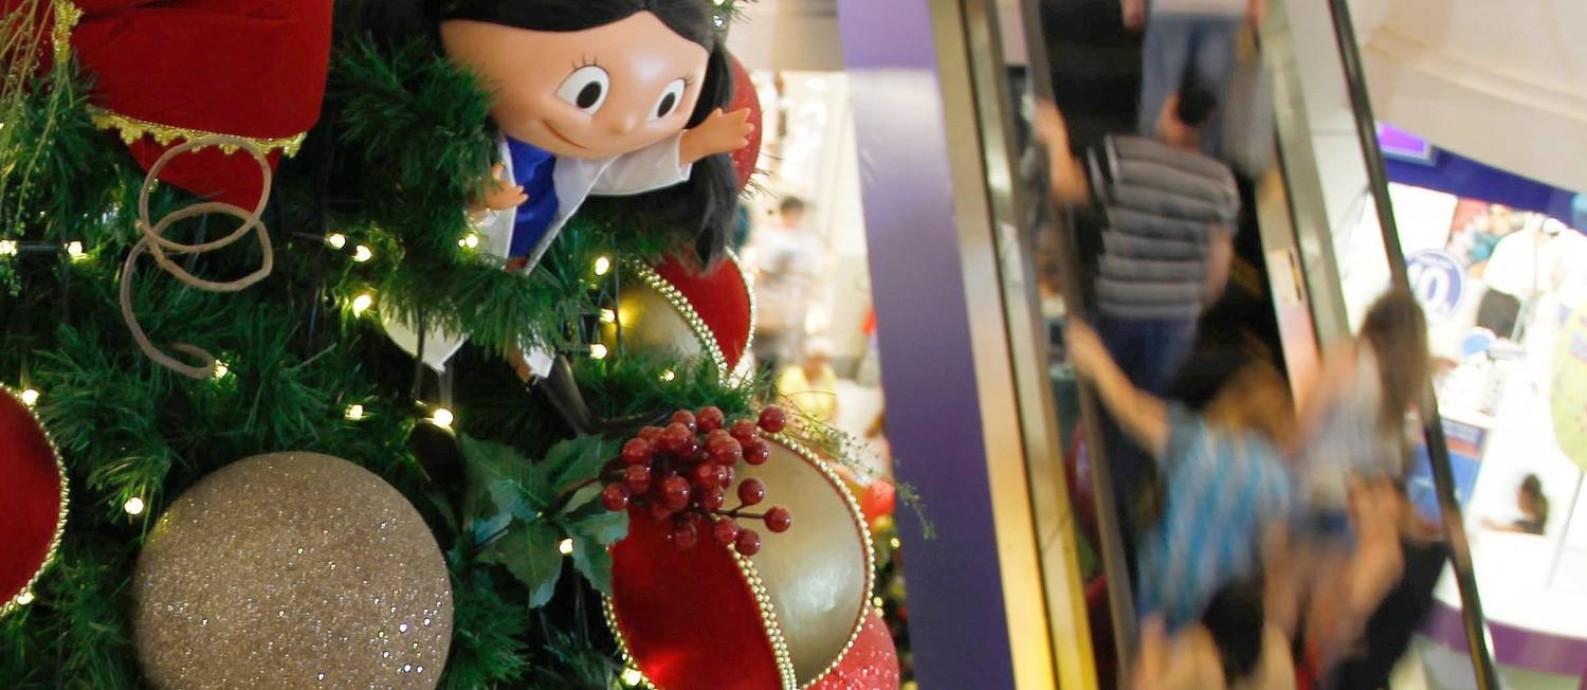 Compras de Natal no Norte Shopping Foto: Pedro Teixeira / Agência O Globo